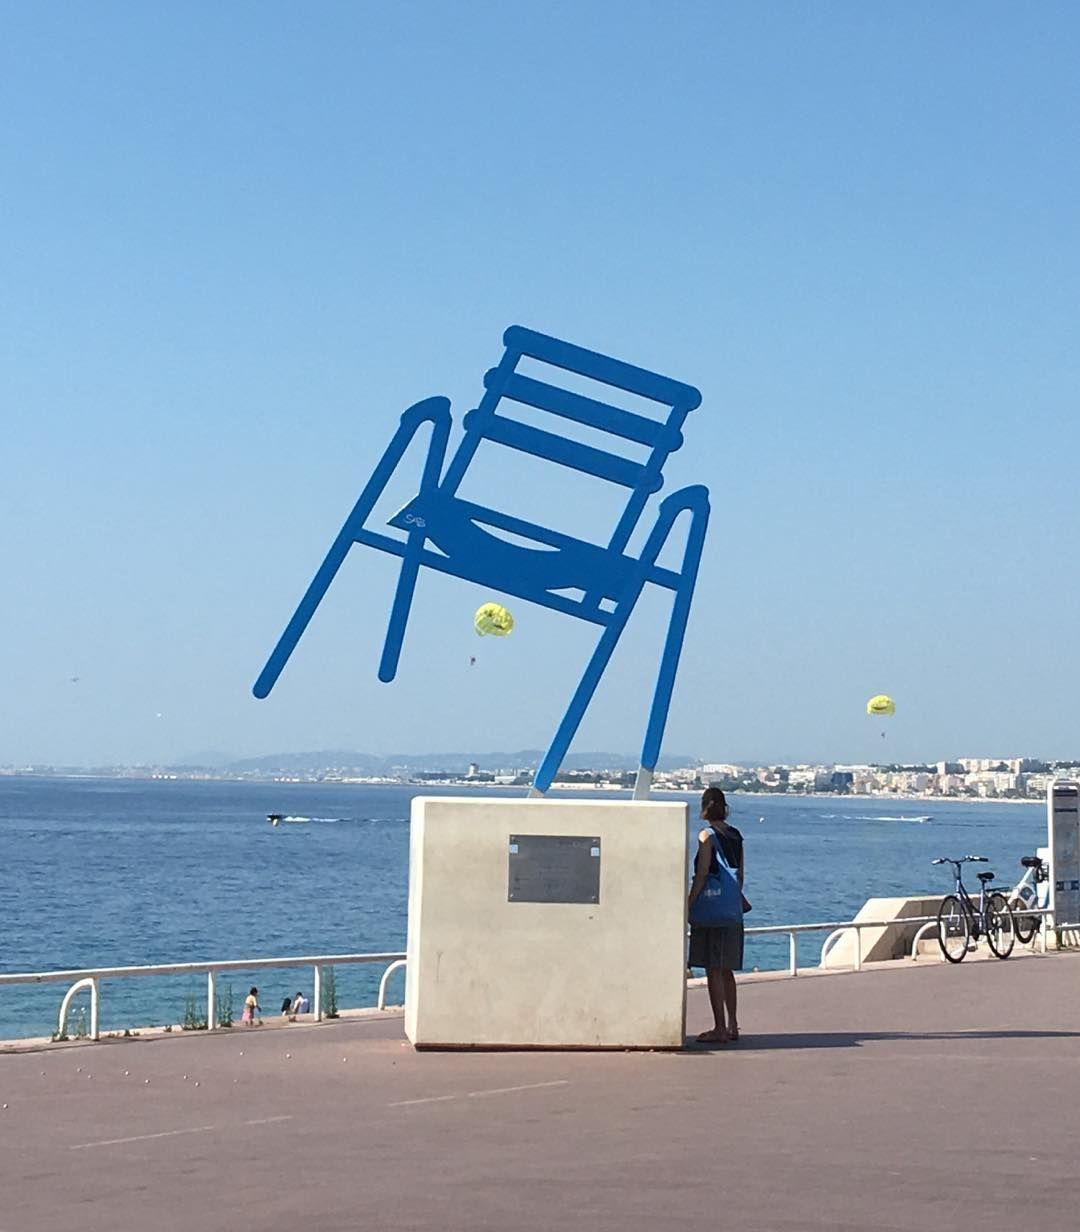 A Chaise Bleue De Sab Art Urbain Quai Des Etats Unis A Nice Geante Et Stylisee Elle A Ete Realisee En 2d Par L Artiste Nicoi Outdoor Outdoor Decor Sun Lounger